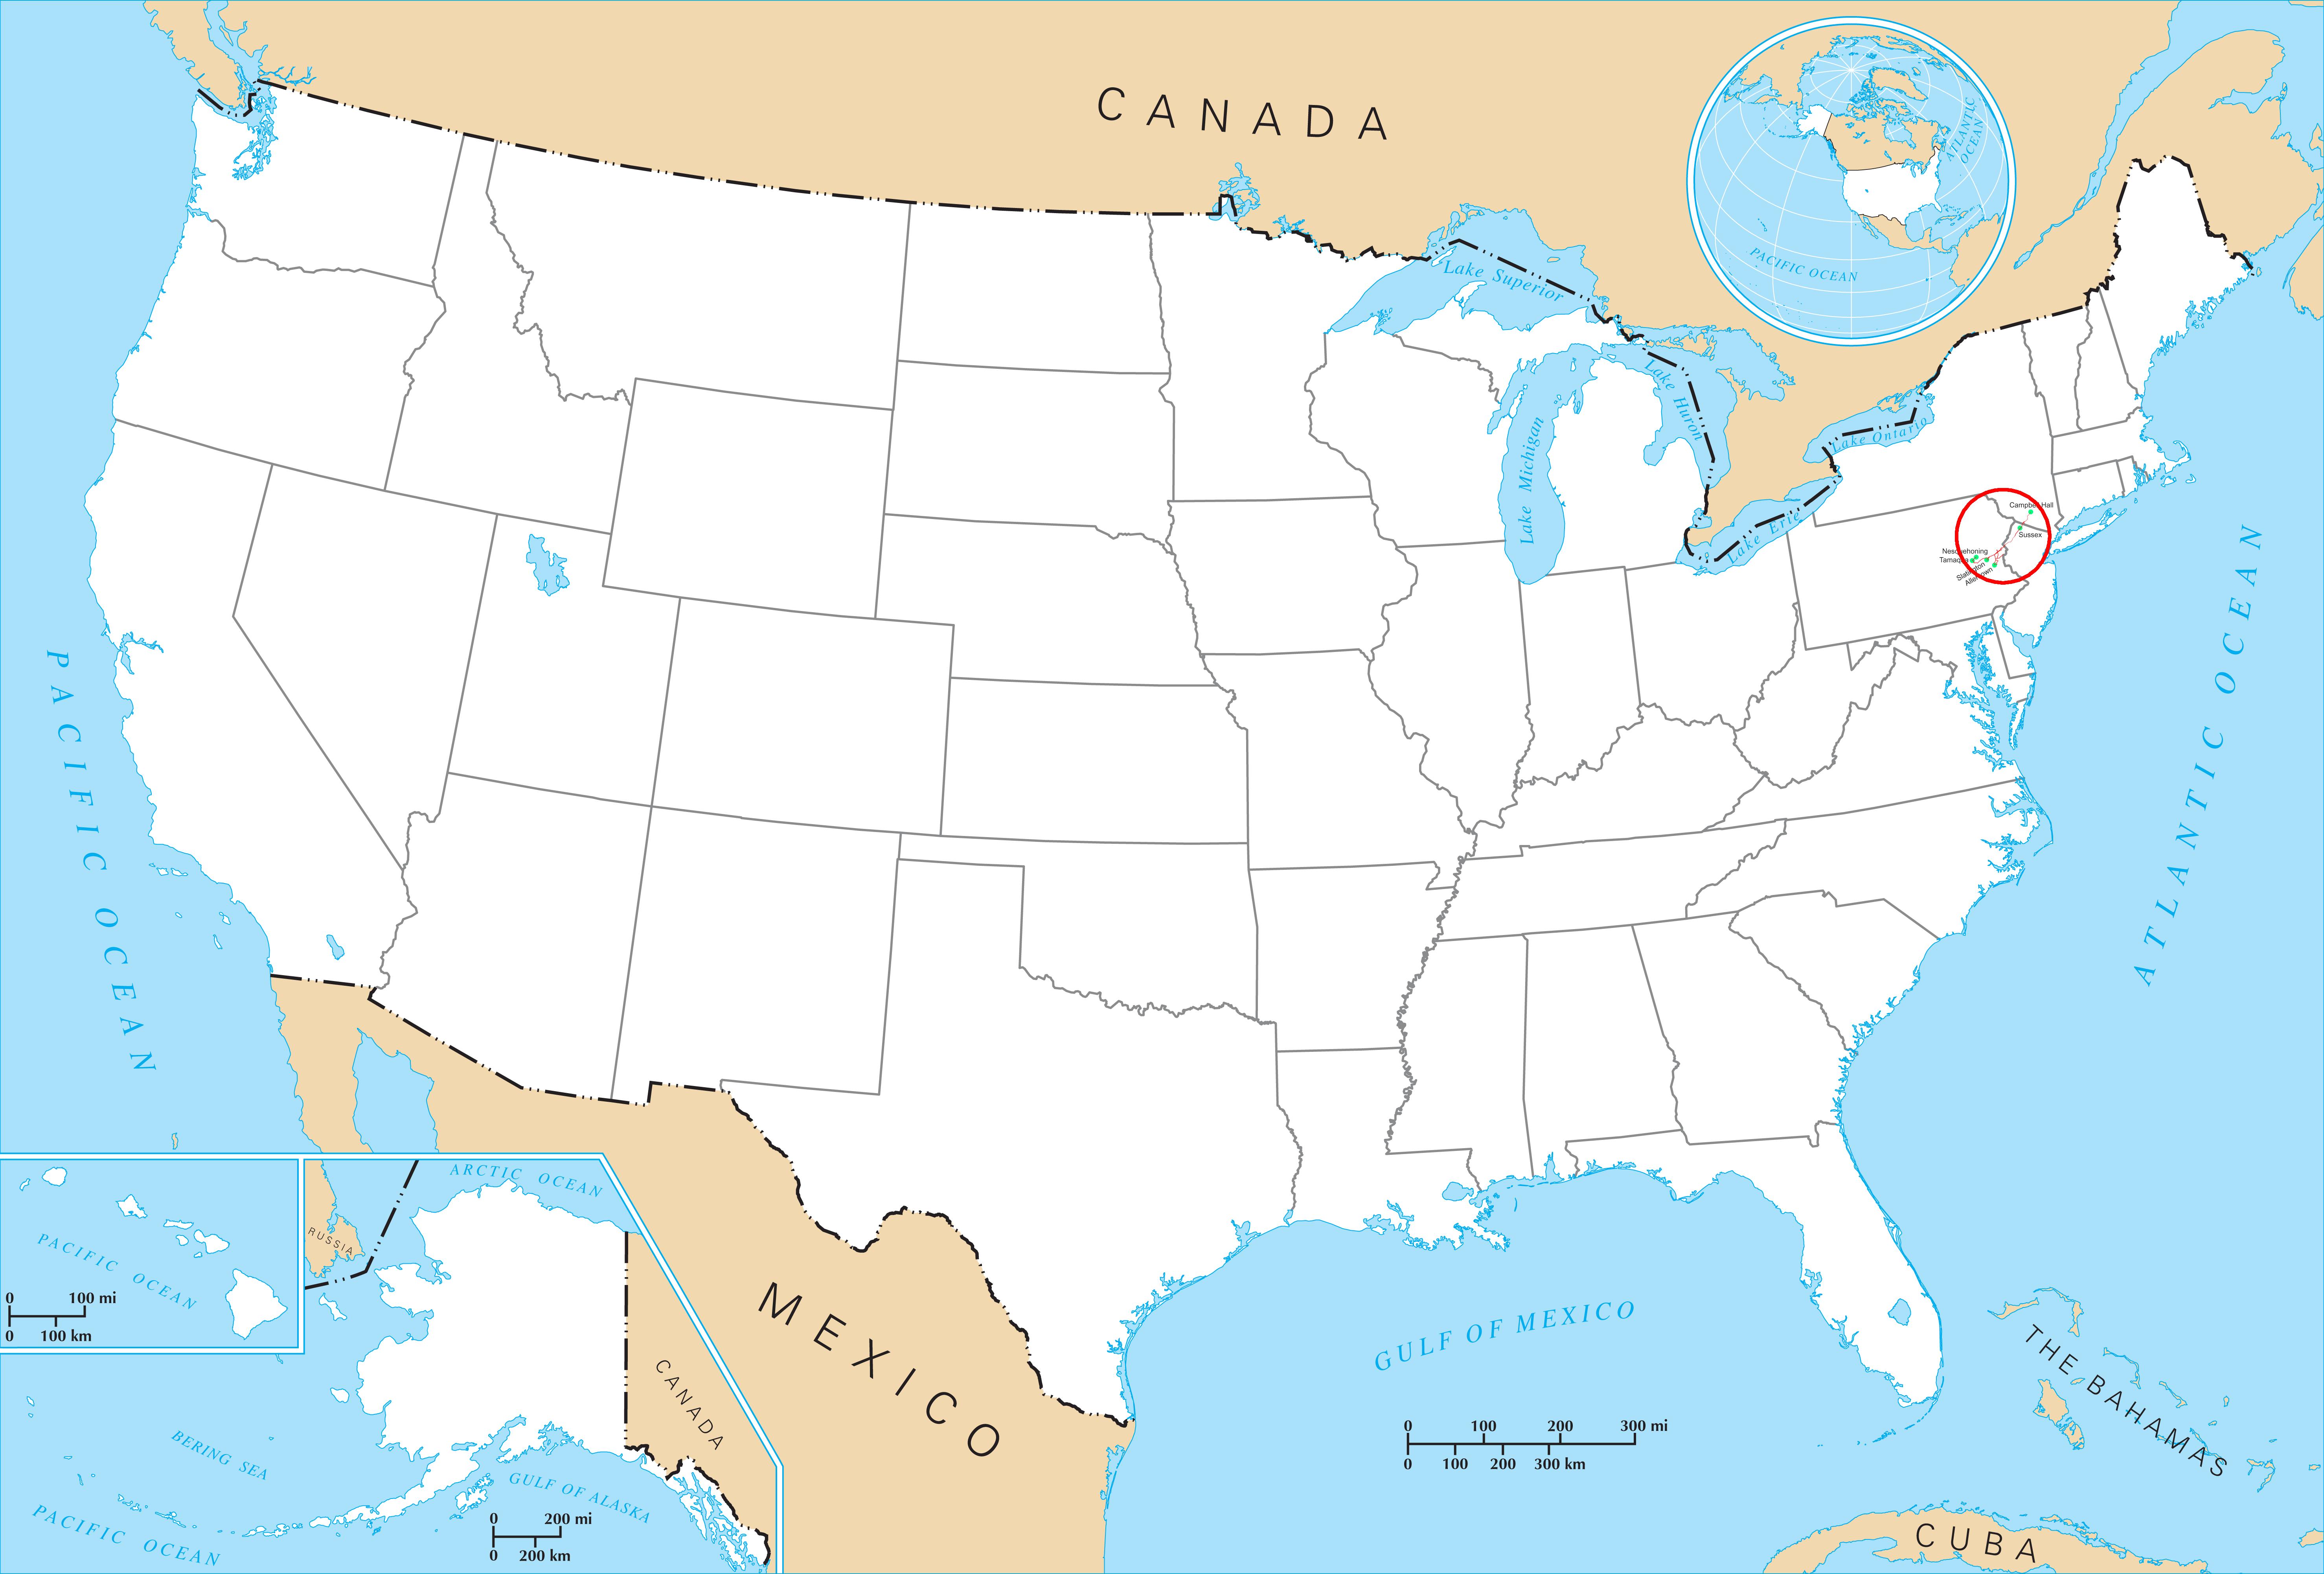 FileLNE On US Mappng Wikimedia Commons - Ne us map